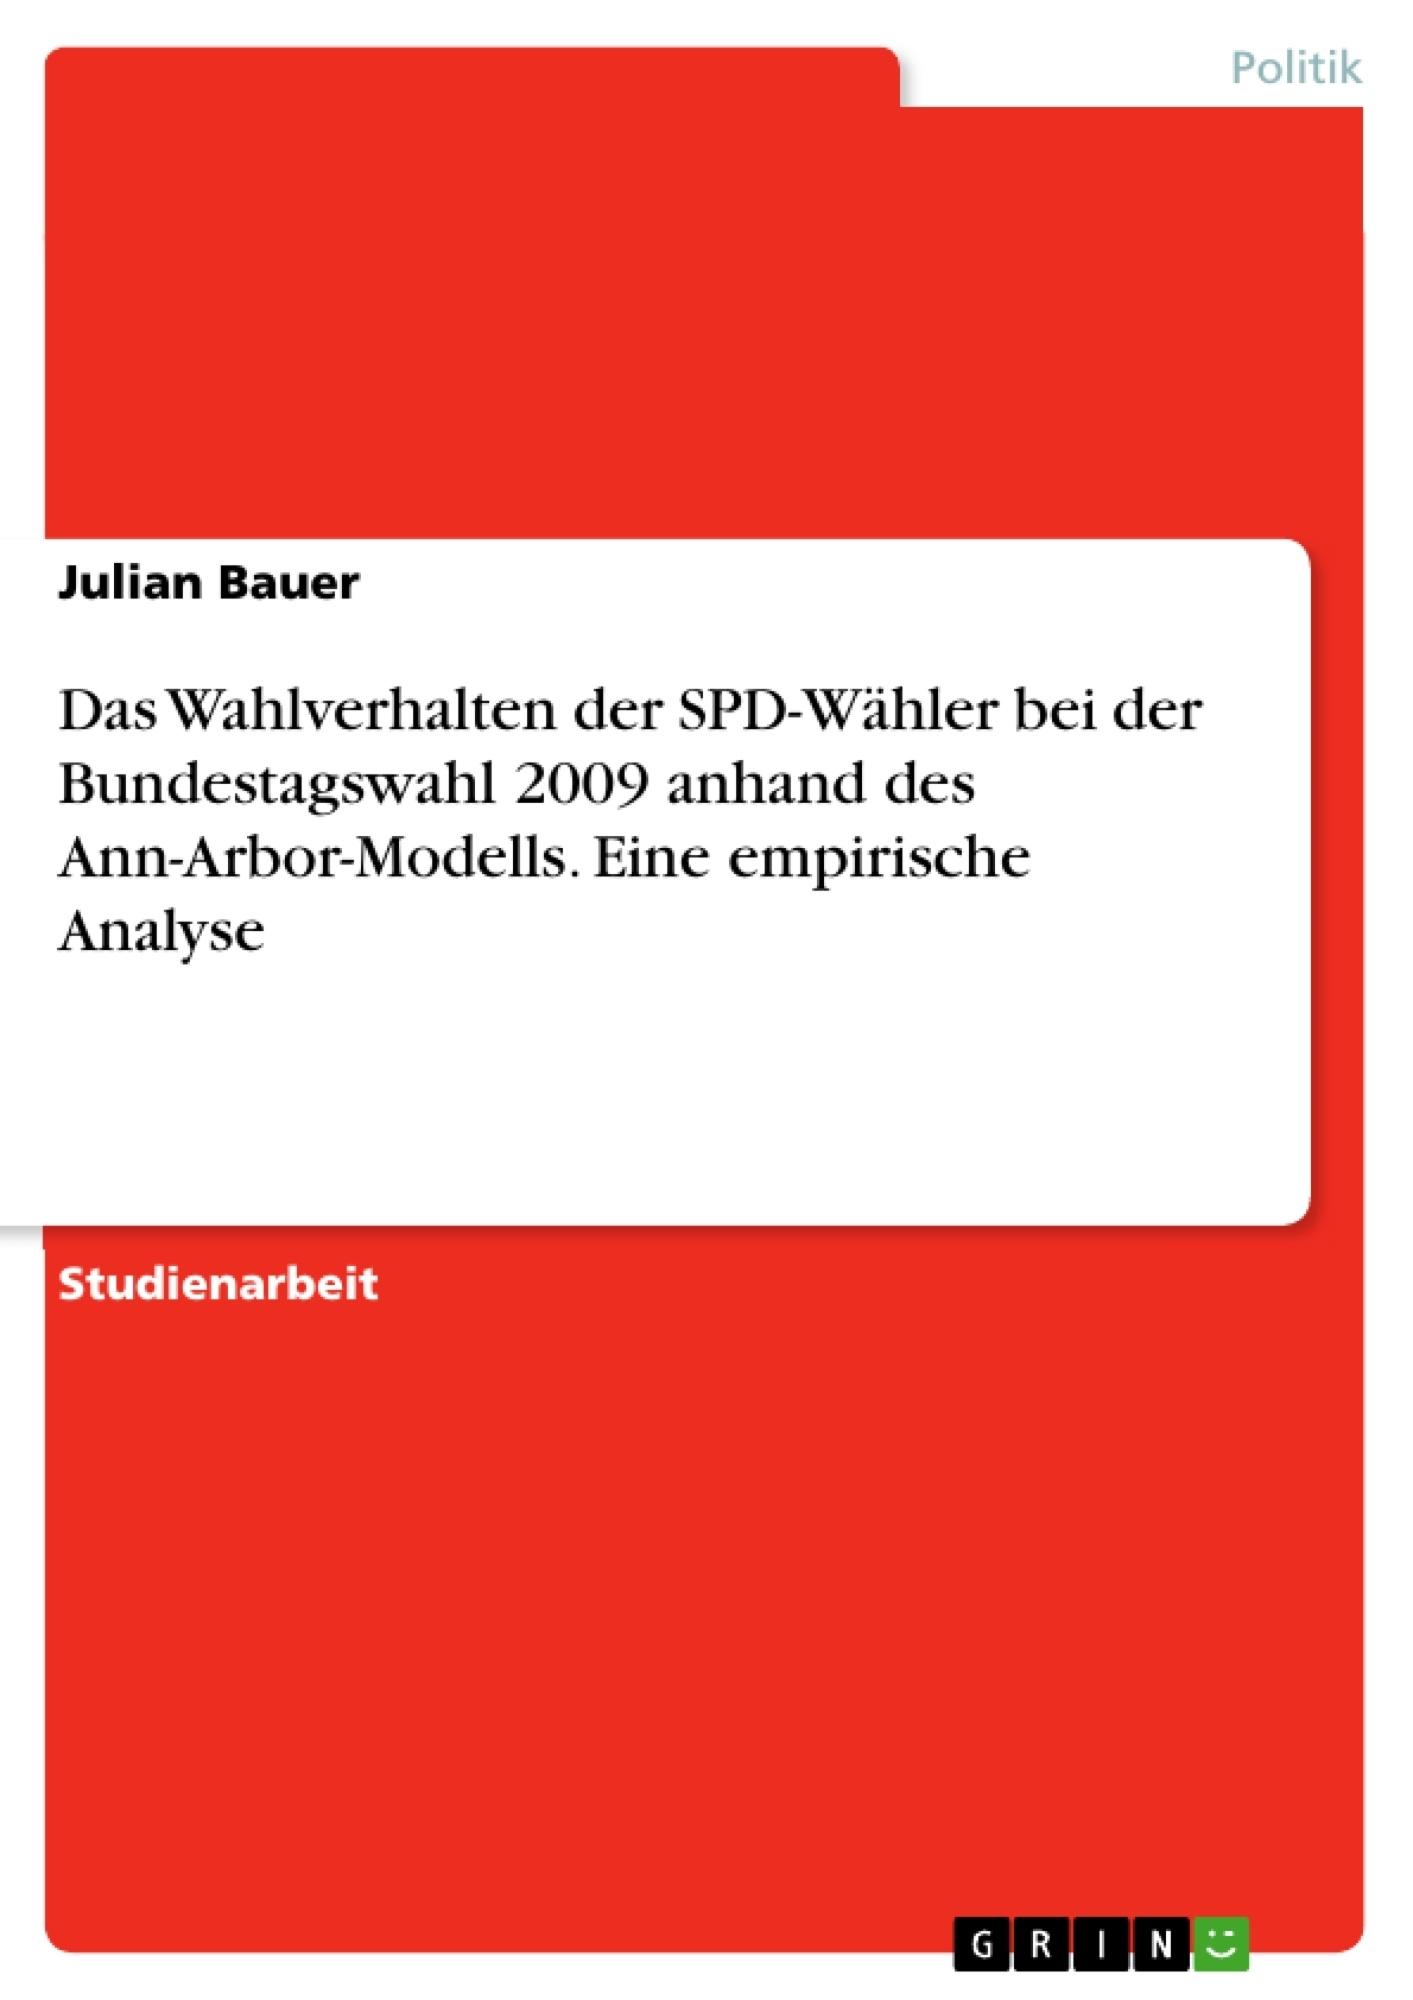 Titel: Das Wahlverhalten der SPD-Wähler bei der Bundestagswahl 2009 anhand des Ann-Arbor-Modells. Eine empirische Analyse